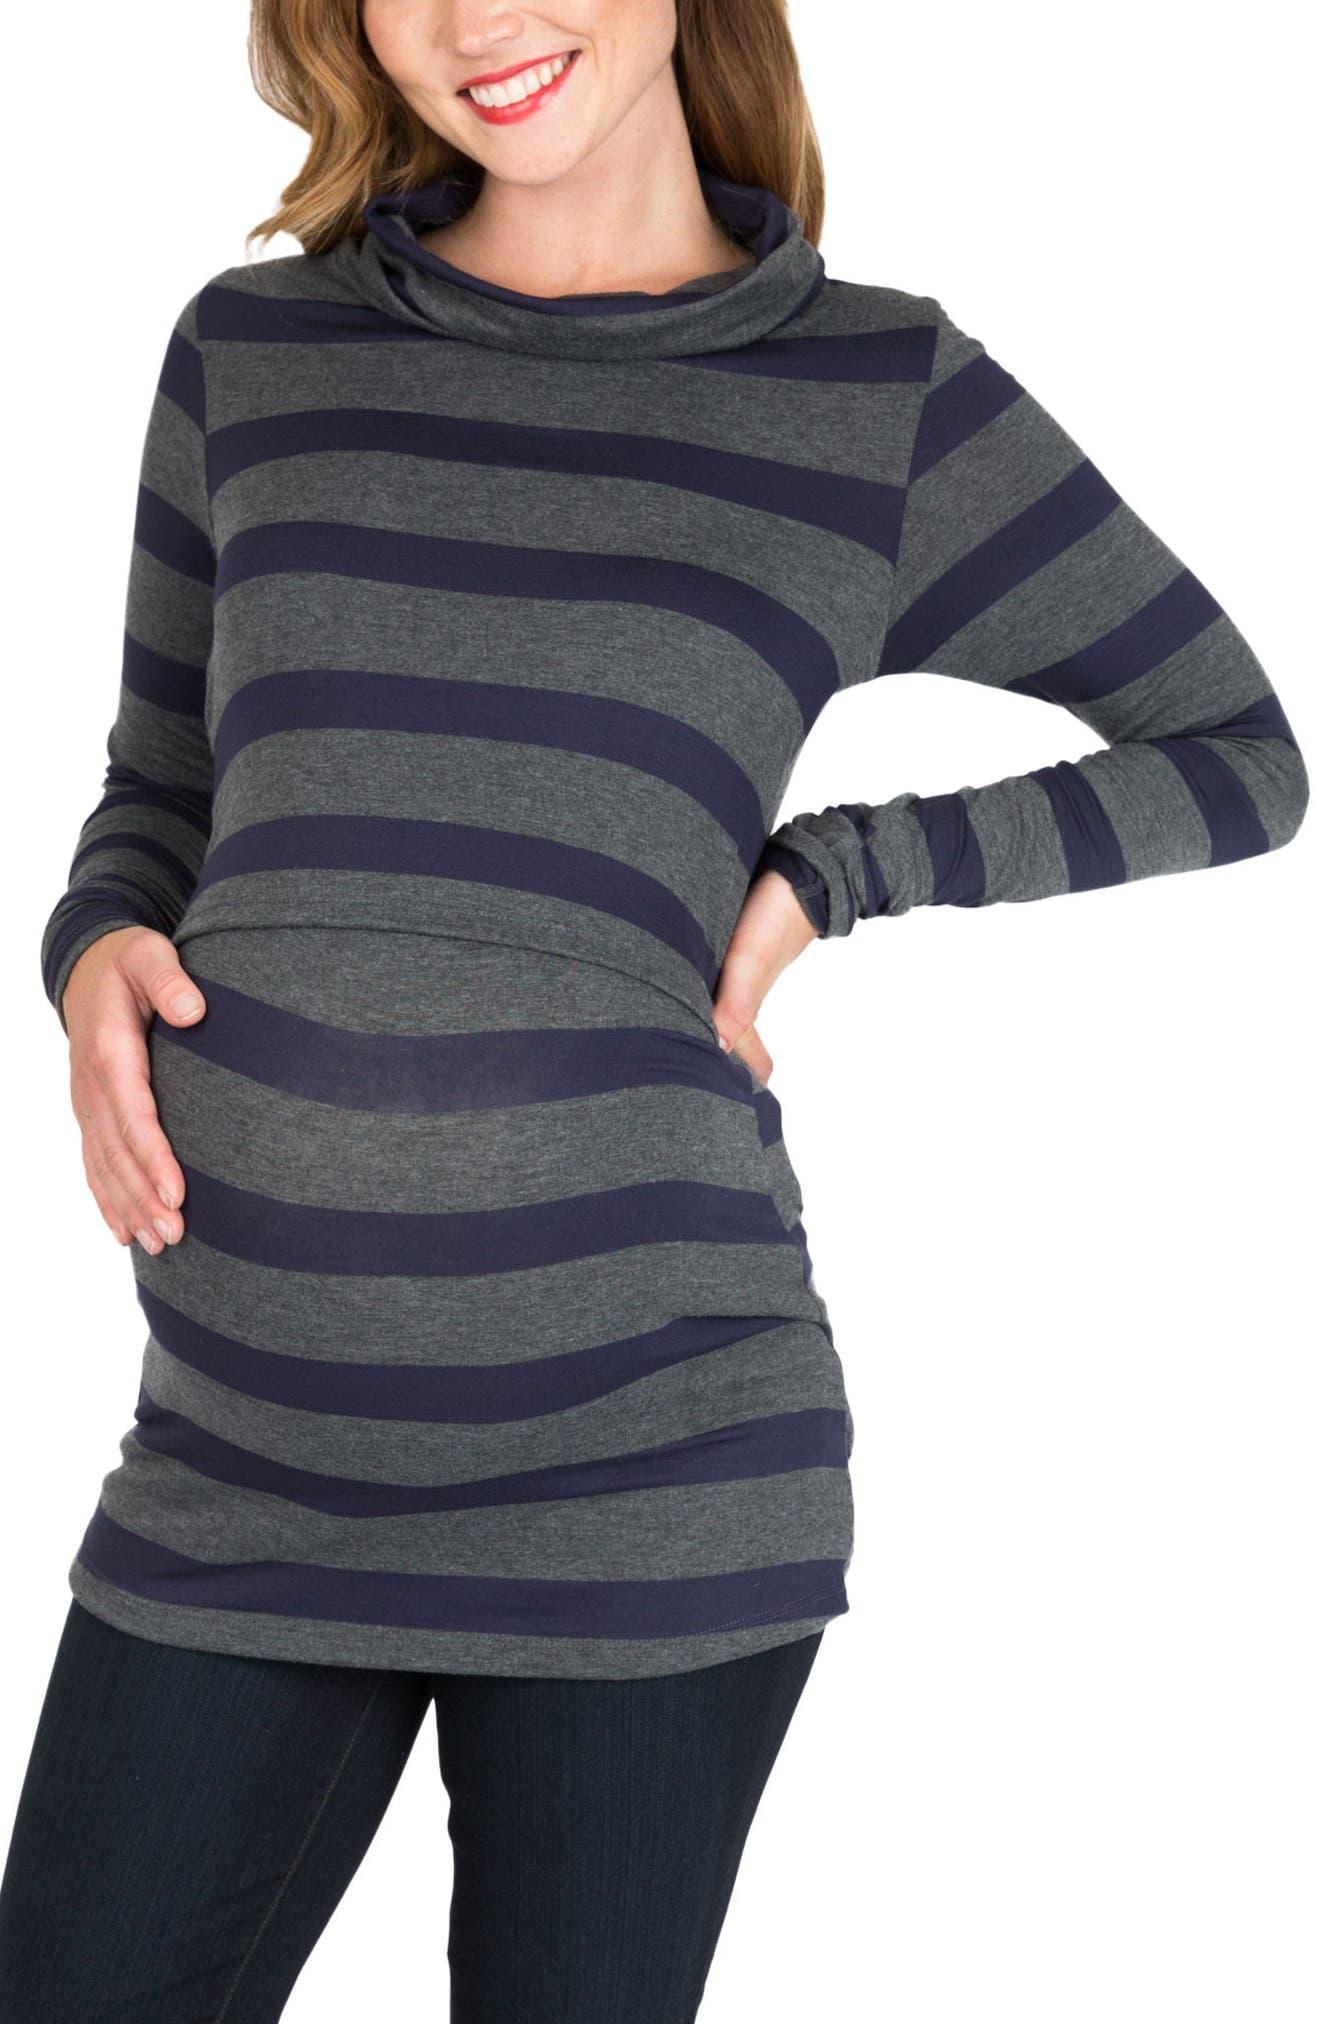 Main Image - NOM Shelley Maternity/Nursing Turtleneck Tunic